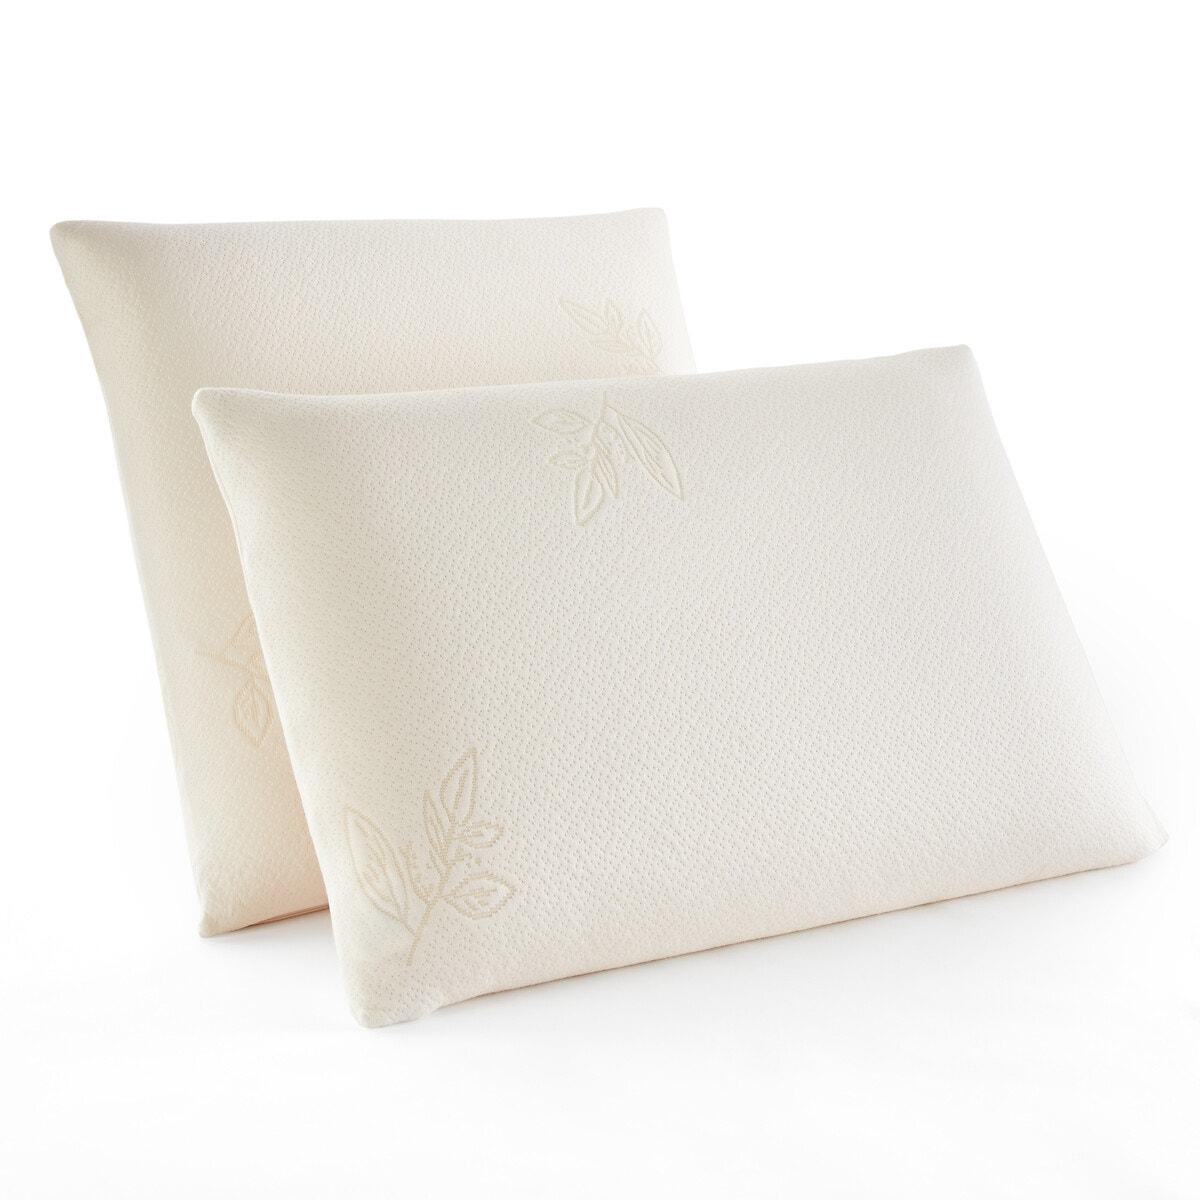 Μαξιλάρι με φυτικό αφρό μνήμης σπιτι   κρεβατοκάμαρα   μαξιλάρια   μαξιλαροθήκες